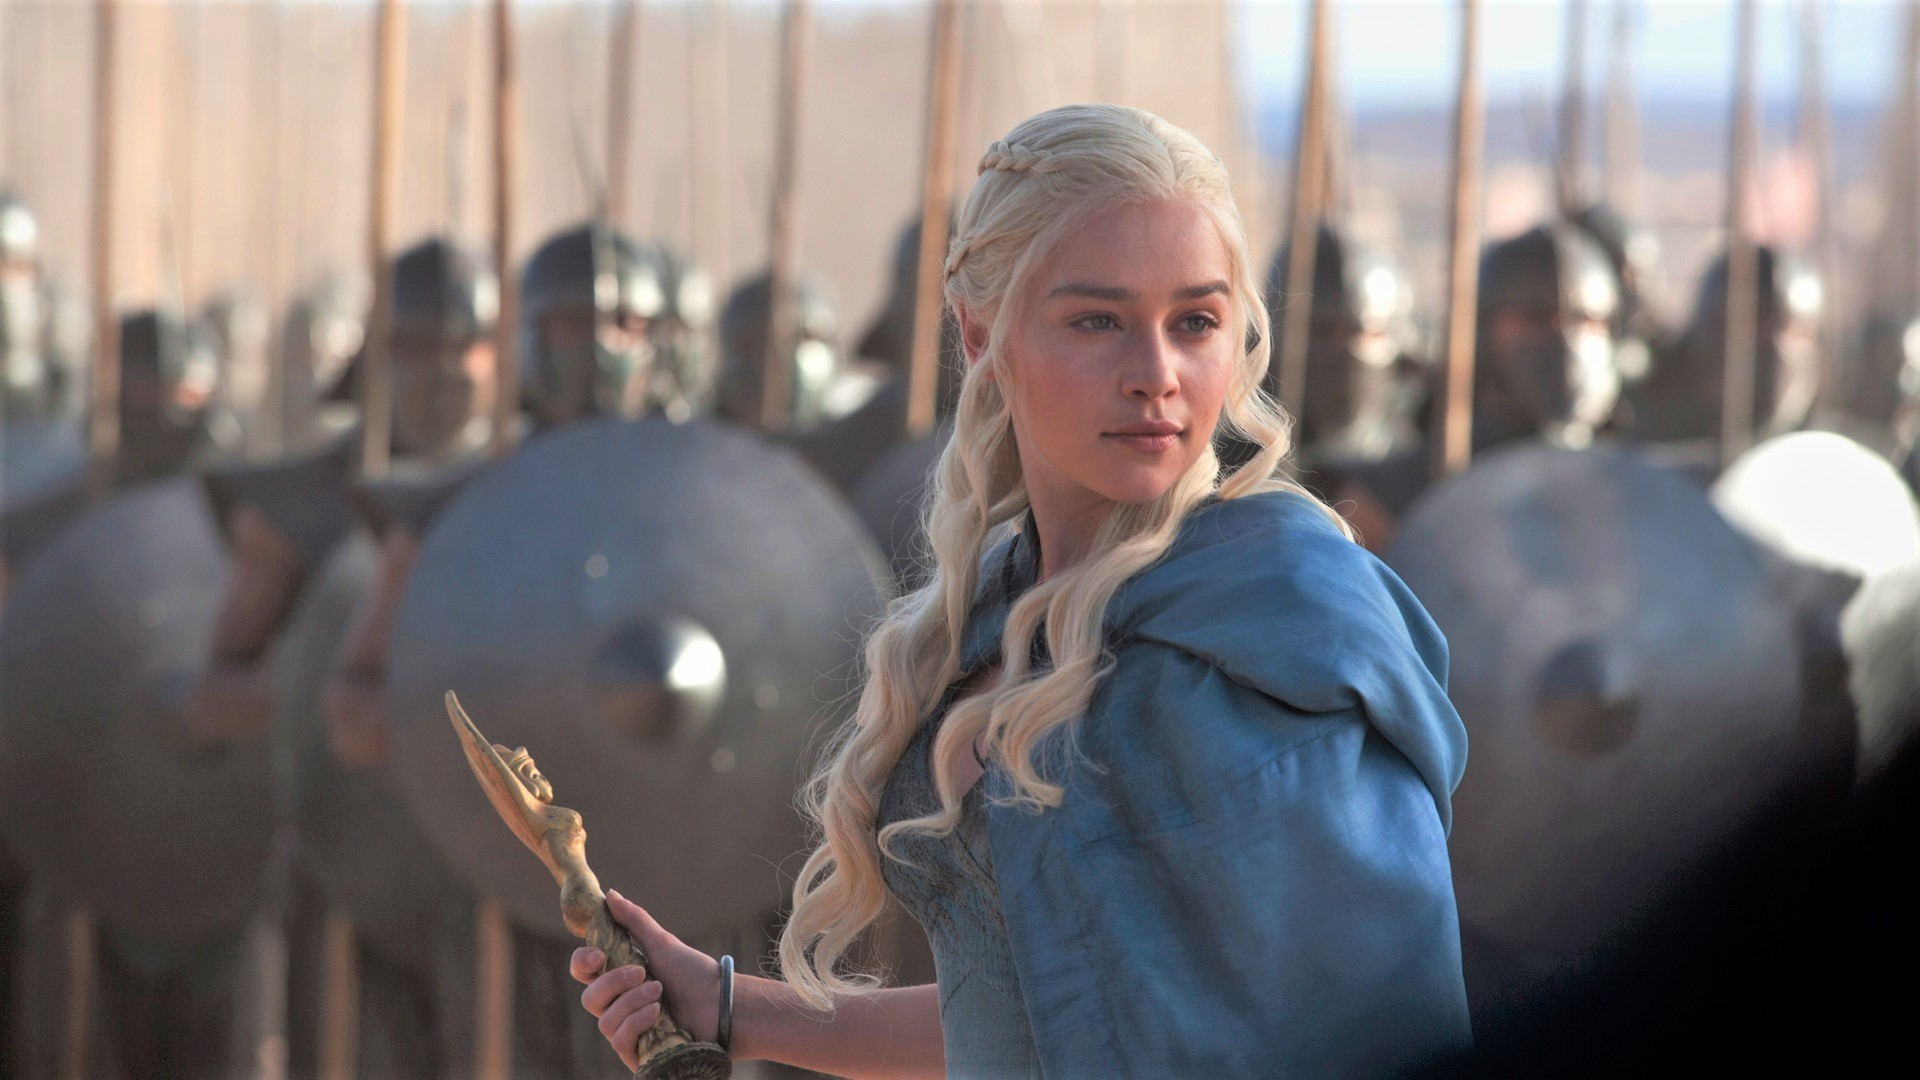 304 Daenerys Unsullied